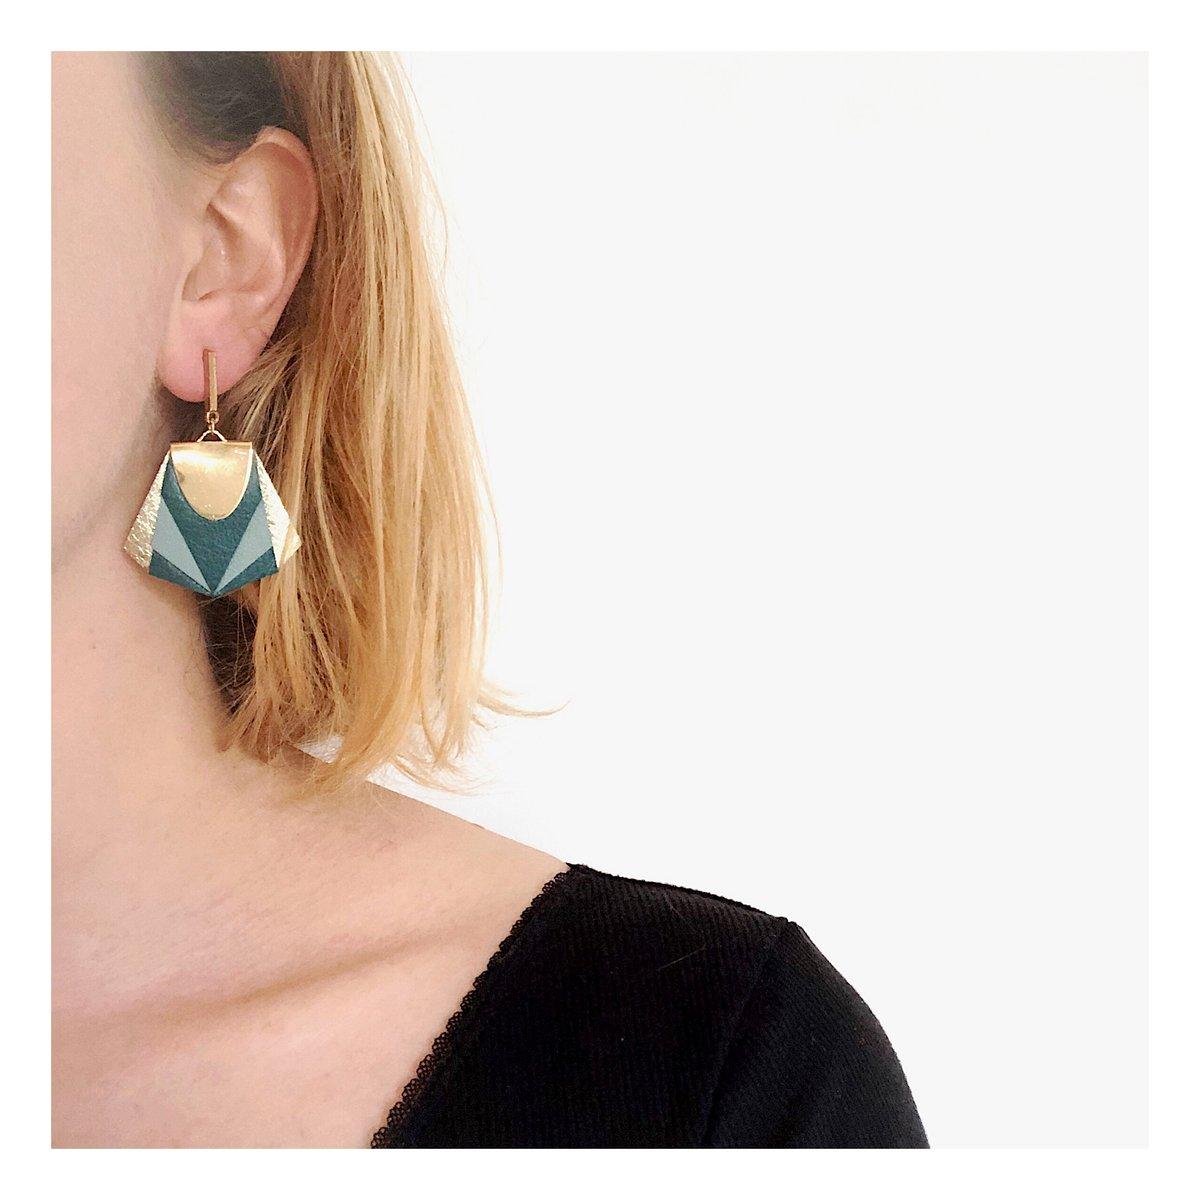 Boucles d'oreilles NOA #3